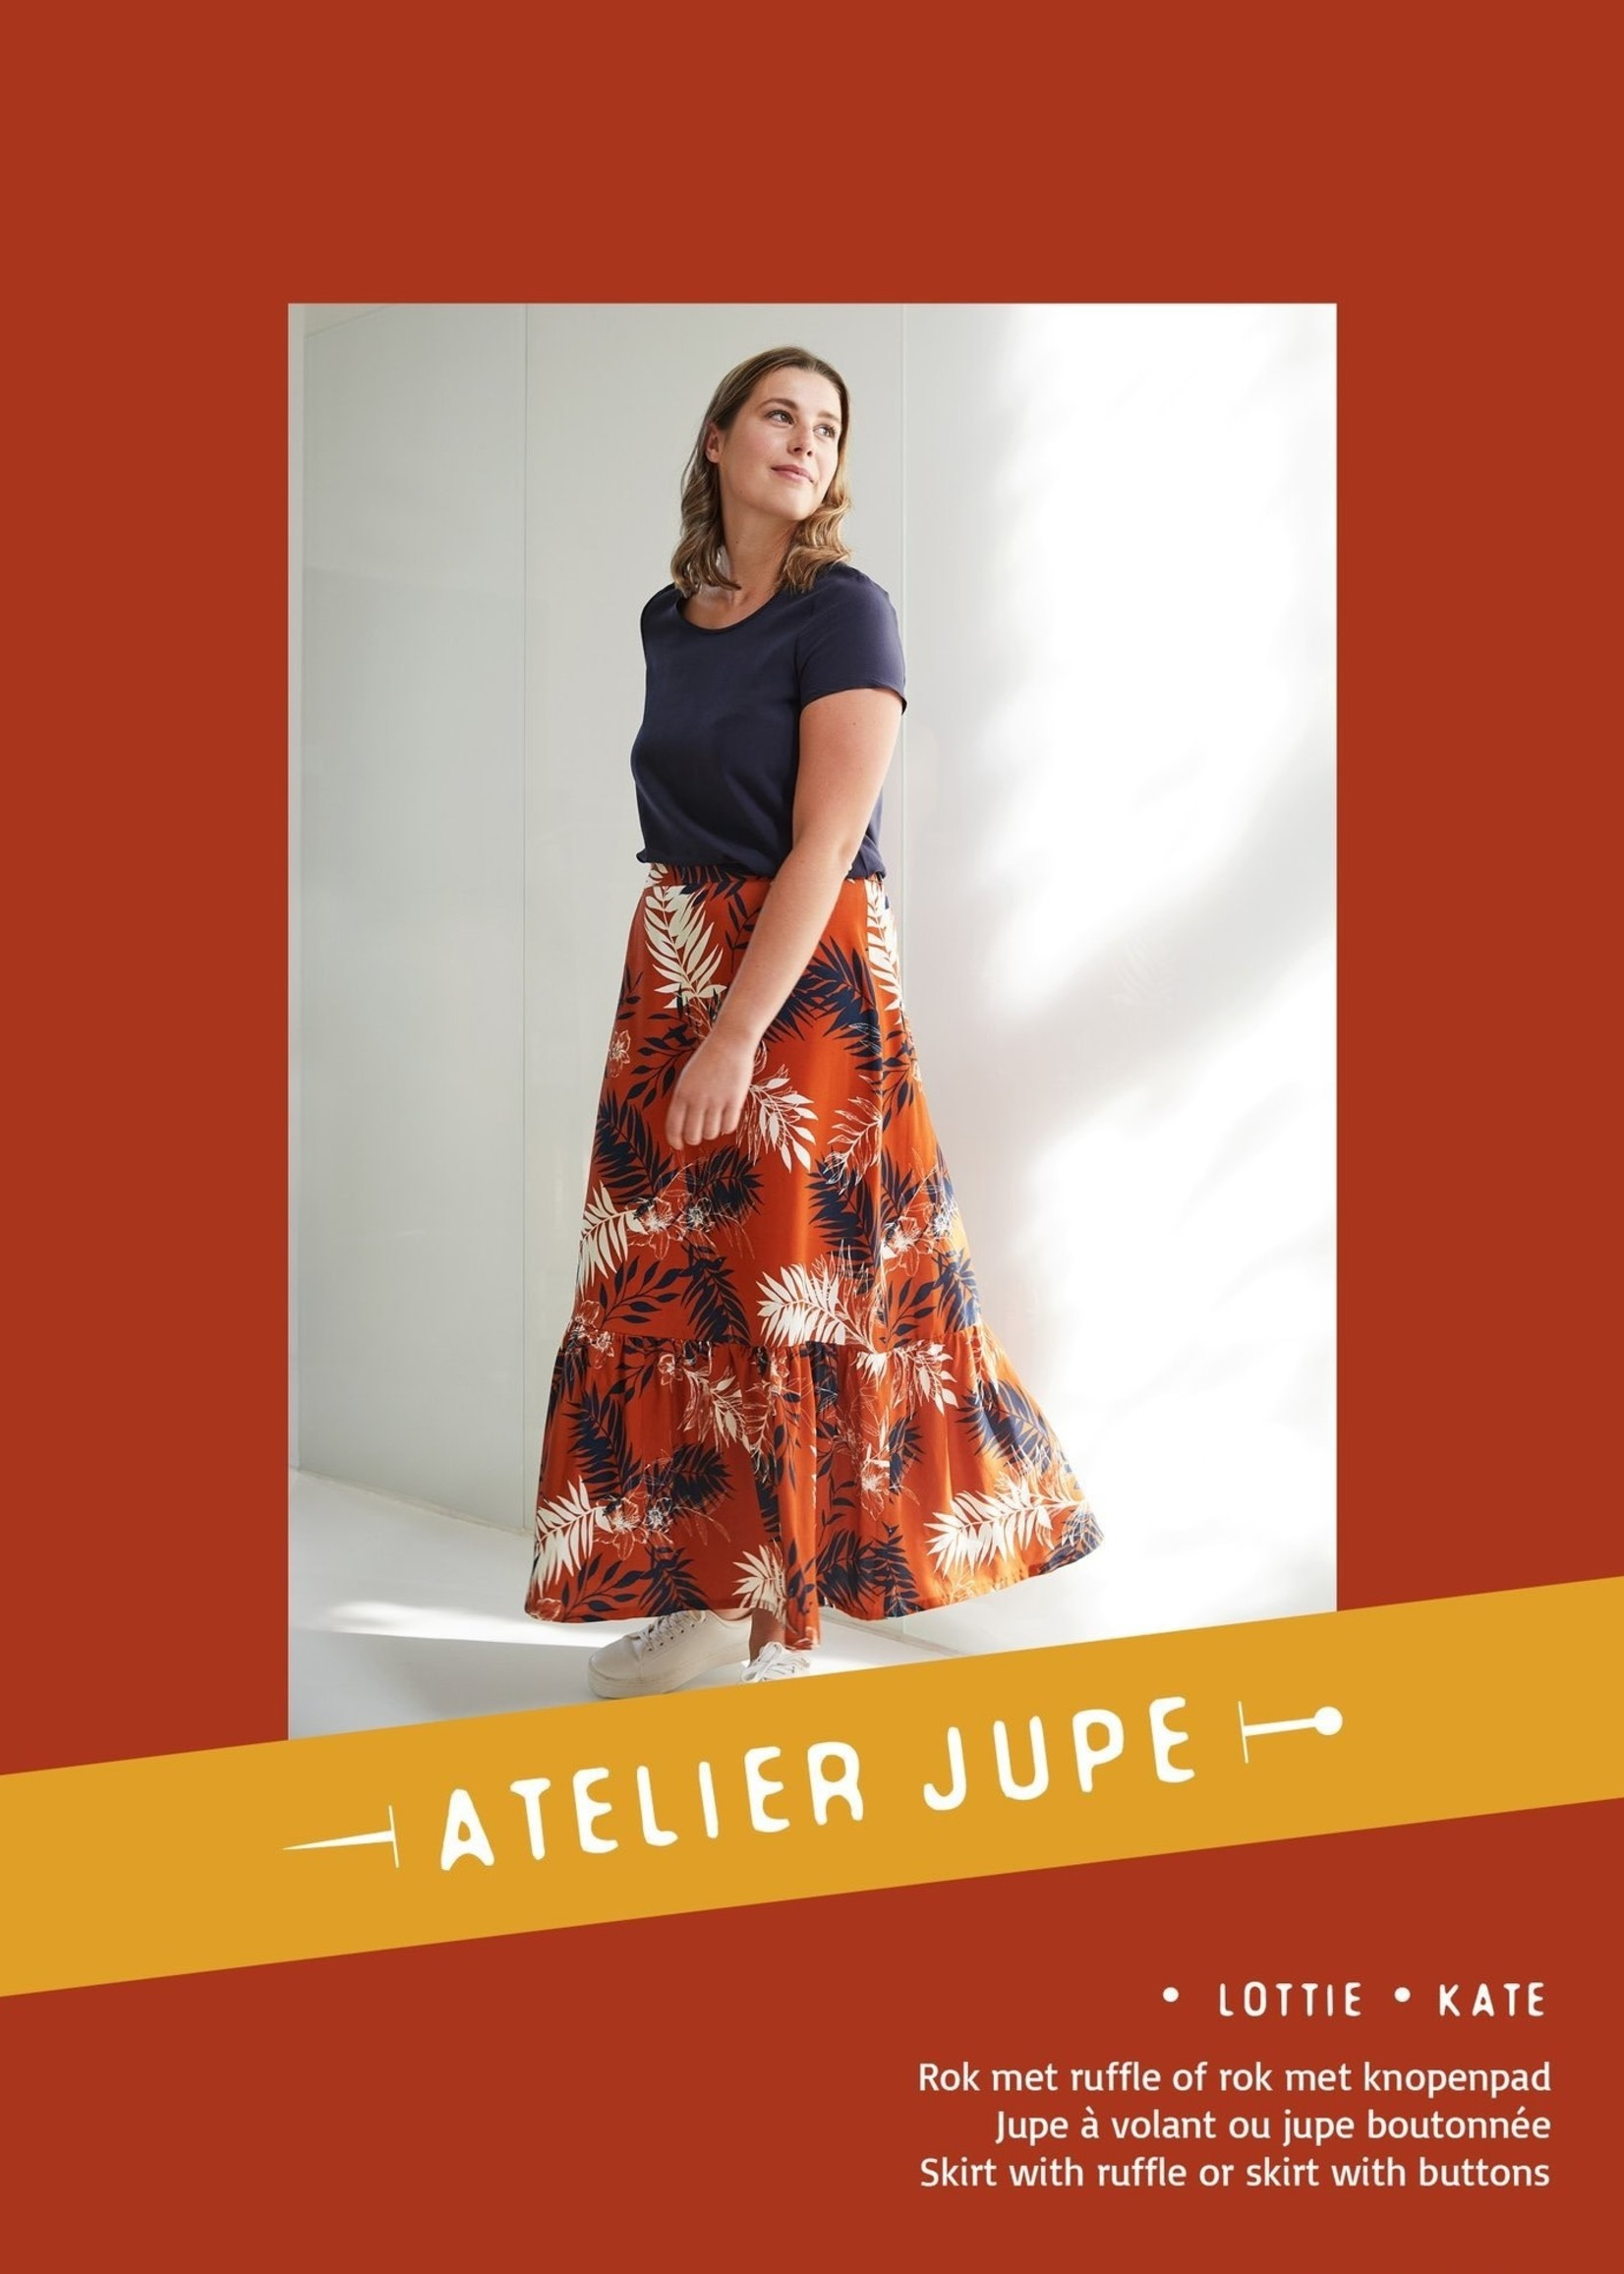 Atelier Jupe LOTTIE - KATE